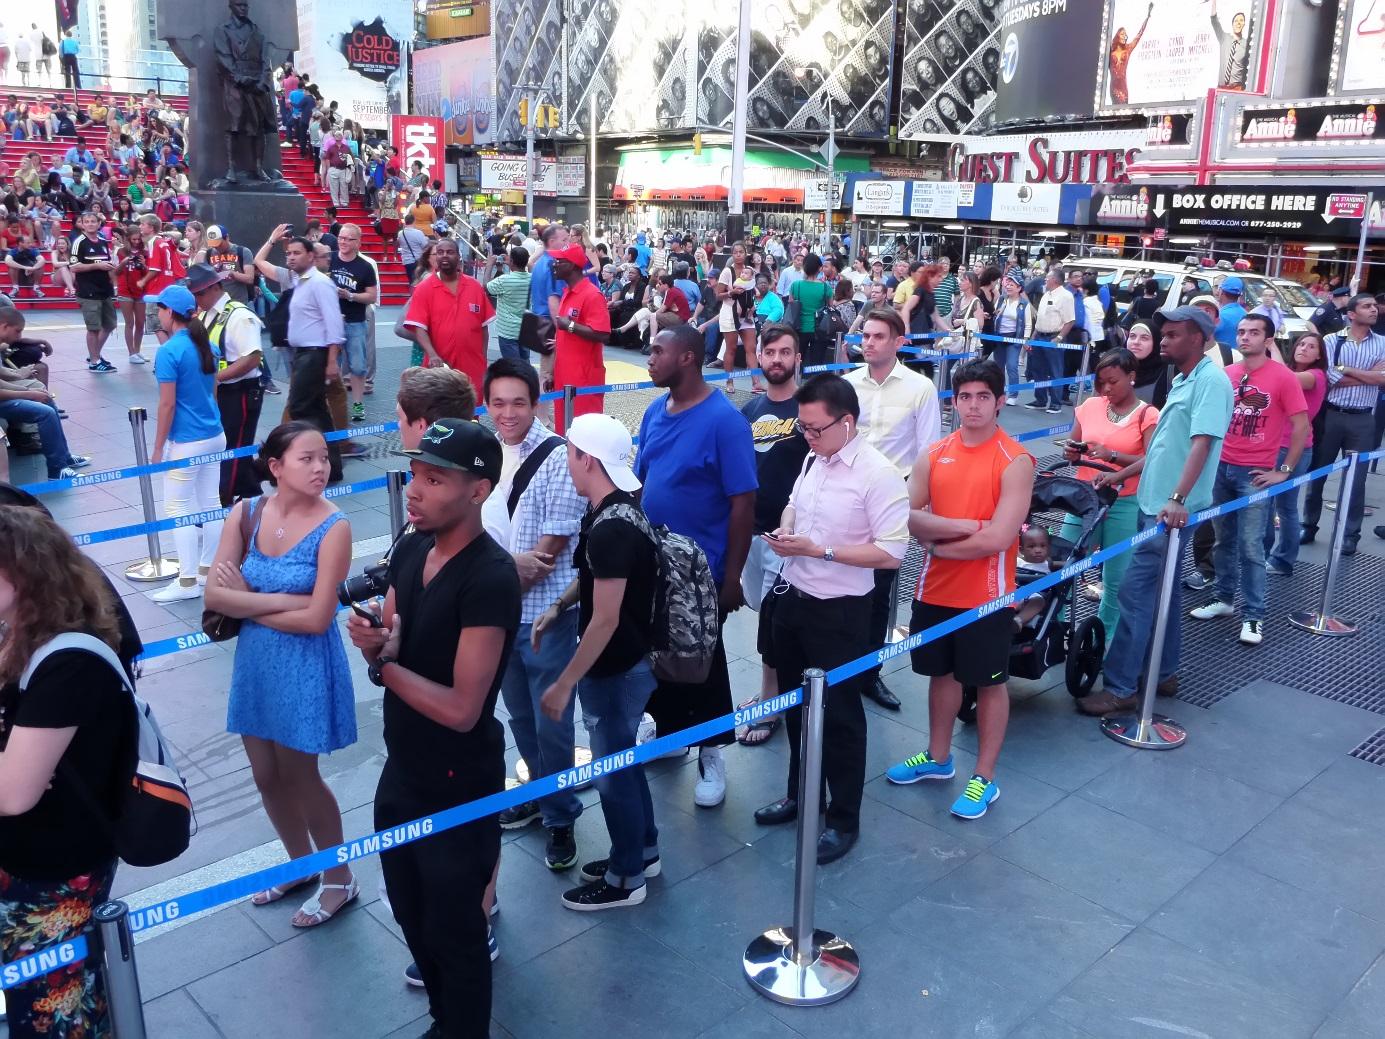 삼성 언팩 행사후 제품을 체험하기 위해 사람들이 갤럭시 스튜디오에 줄을 서 있습니다.